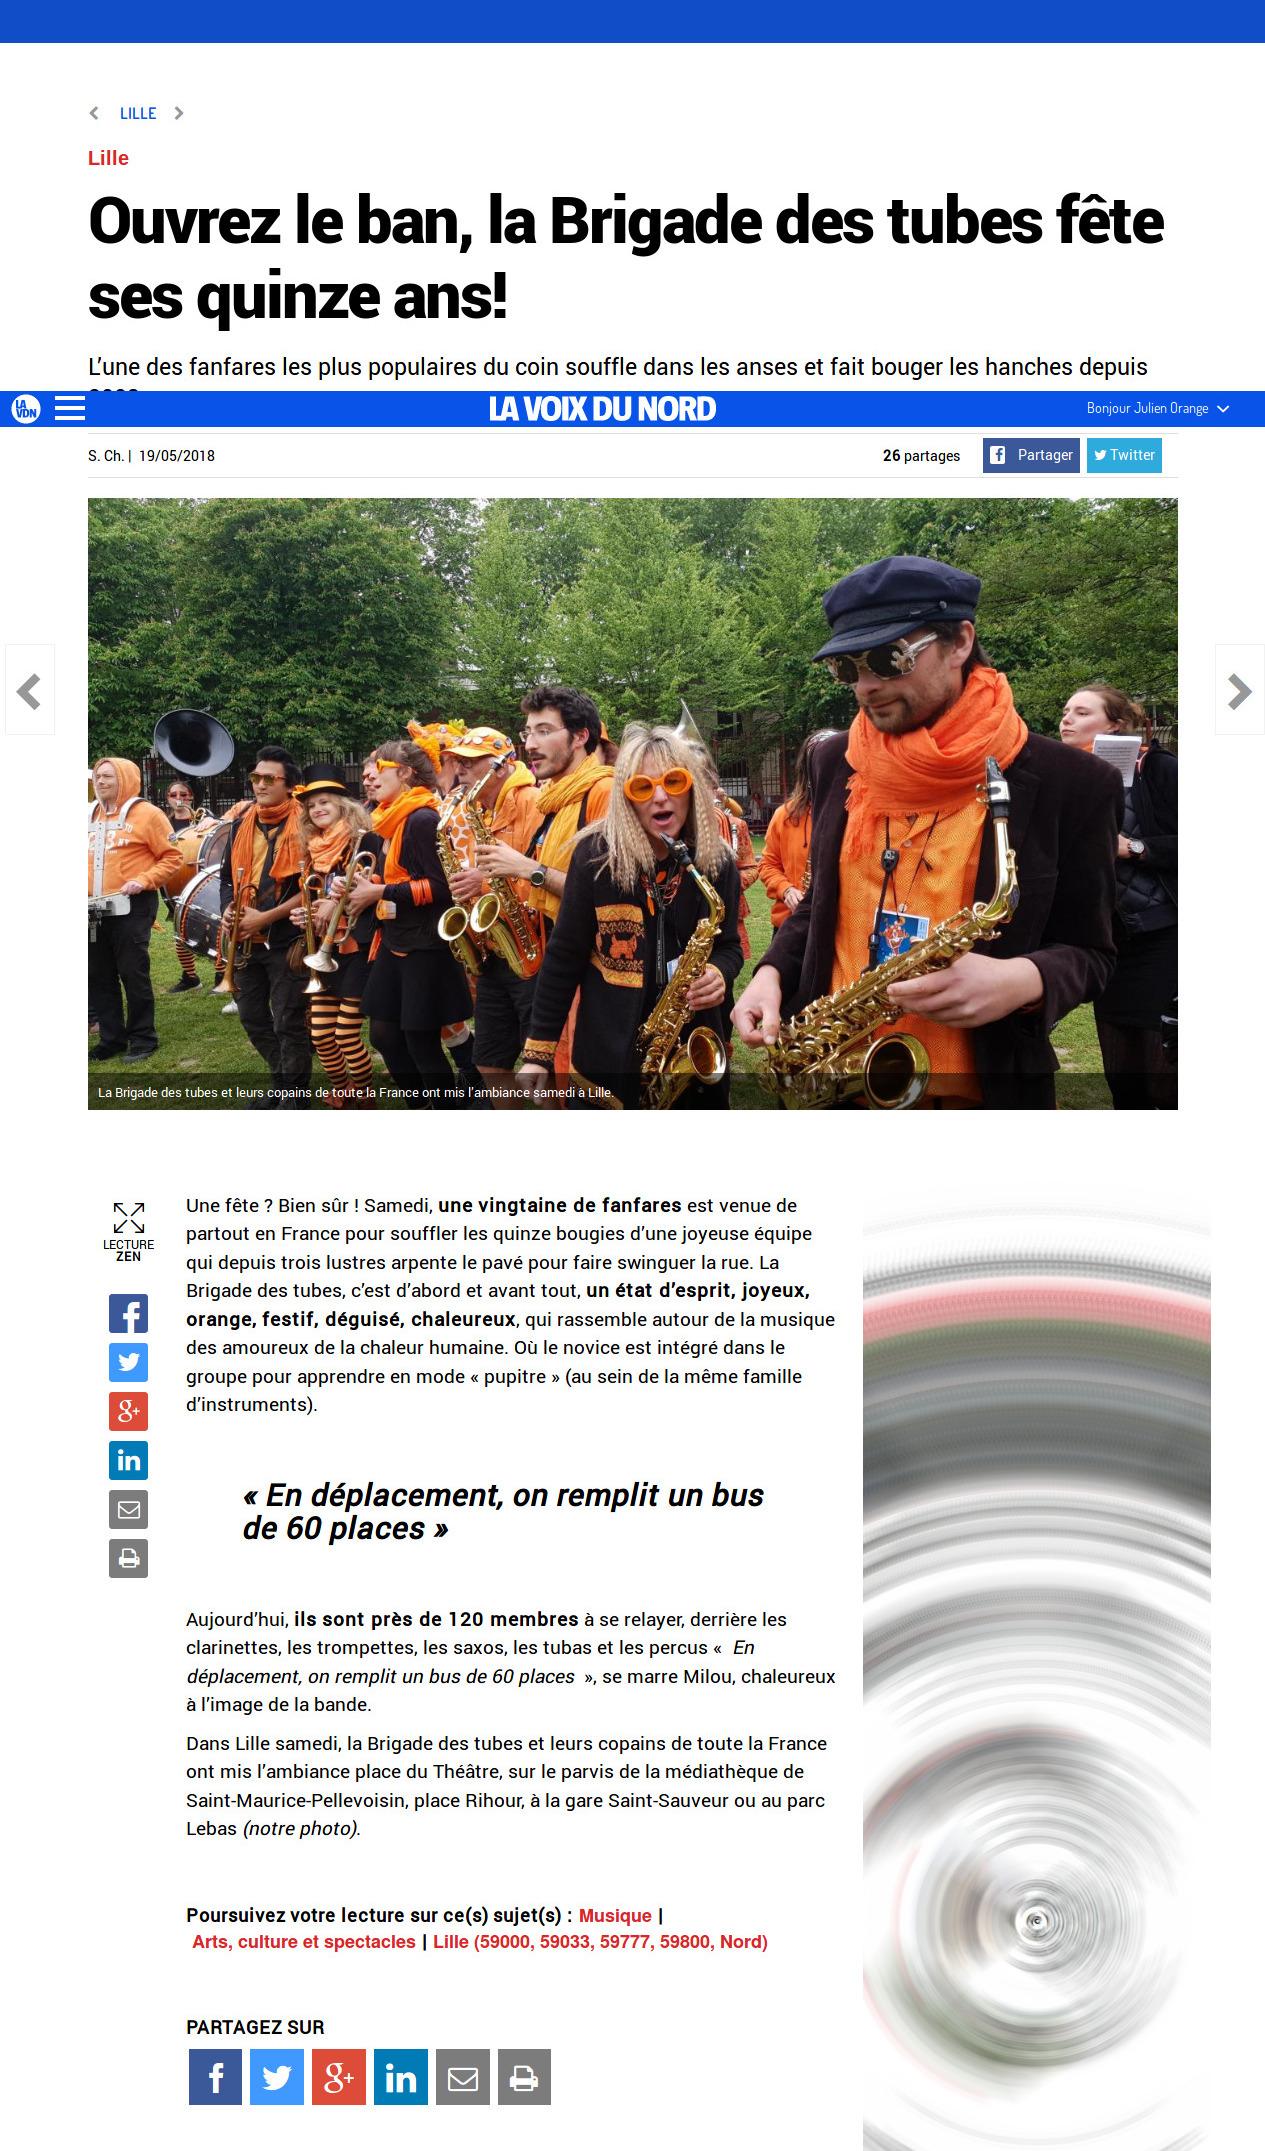 Screenshot-2018-5-28 Lille - Ouvrez le ban, la Brigade des tubes fête ses quinze ans